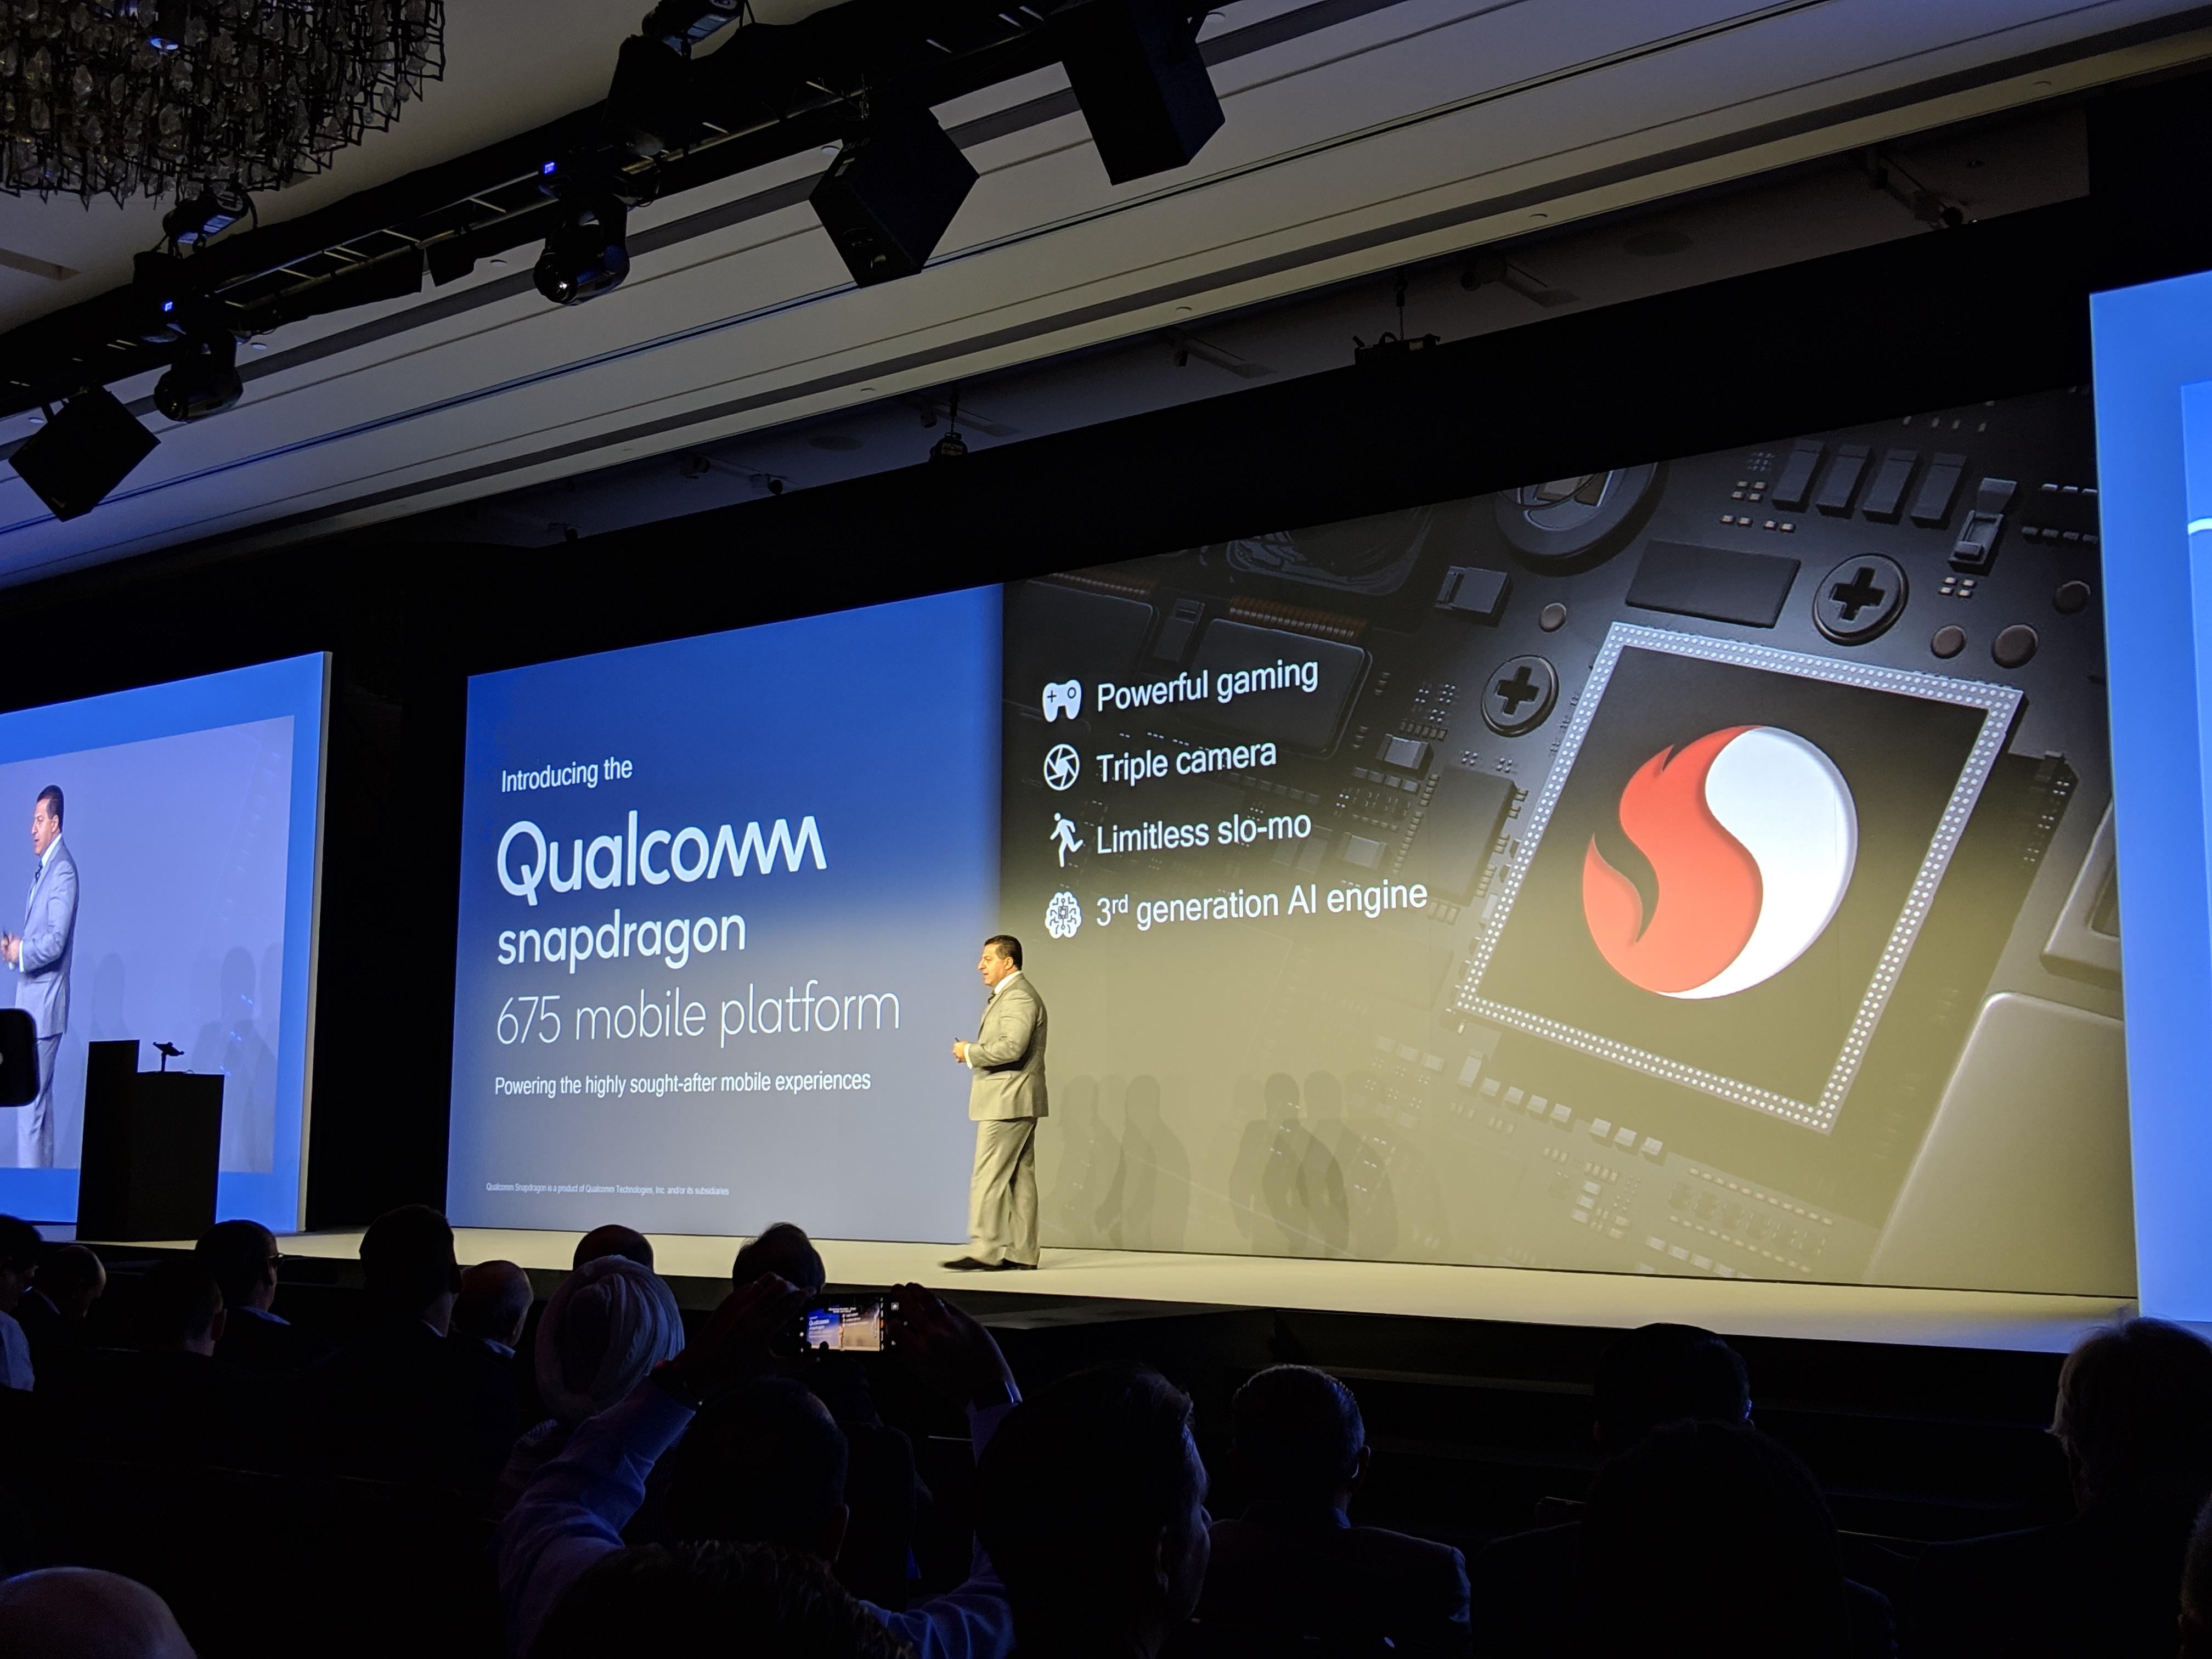 Qualcomm annonce son Snapdragon 675 : déverrouillage facial 3D, gestion de trois caméras et Quick Charge 4+